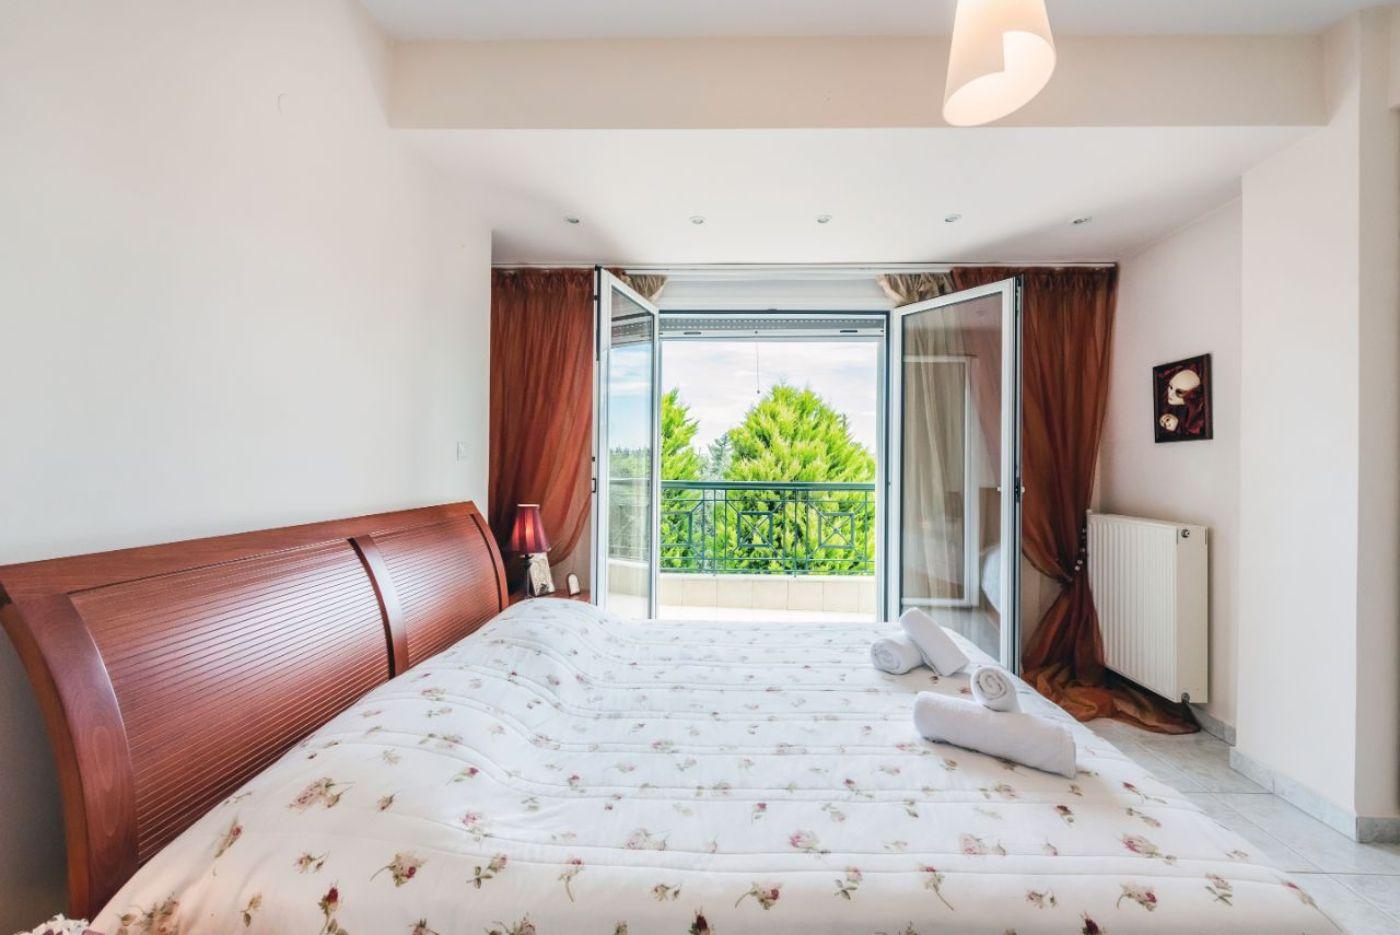 1ο Υπνοδωμάτιο με 1 διπλό κρεβάτι και μπαλκόνι